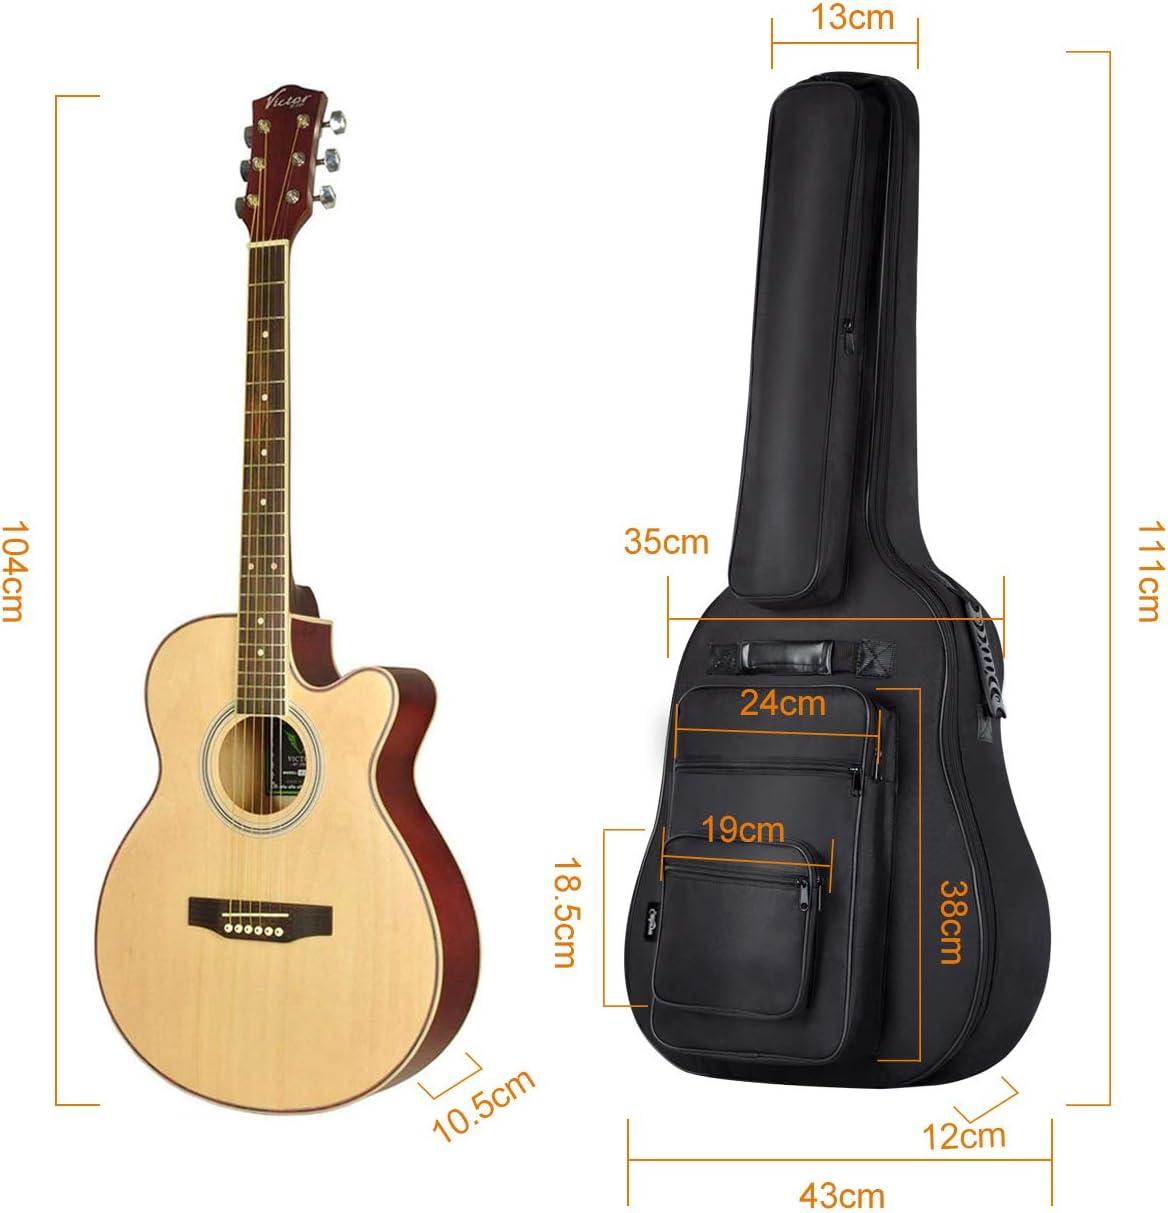 CAHAYA Funda para Guitarra Estuche Guitarra Clasica Acústica Impermeable con 6 Bolsillos Acolchada de 8 mm [Versión Multibolsillos]: Amazon.es: Instrumentos musicales